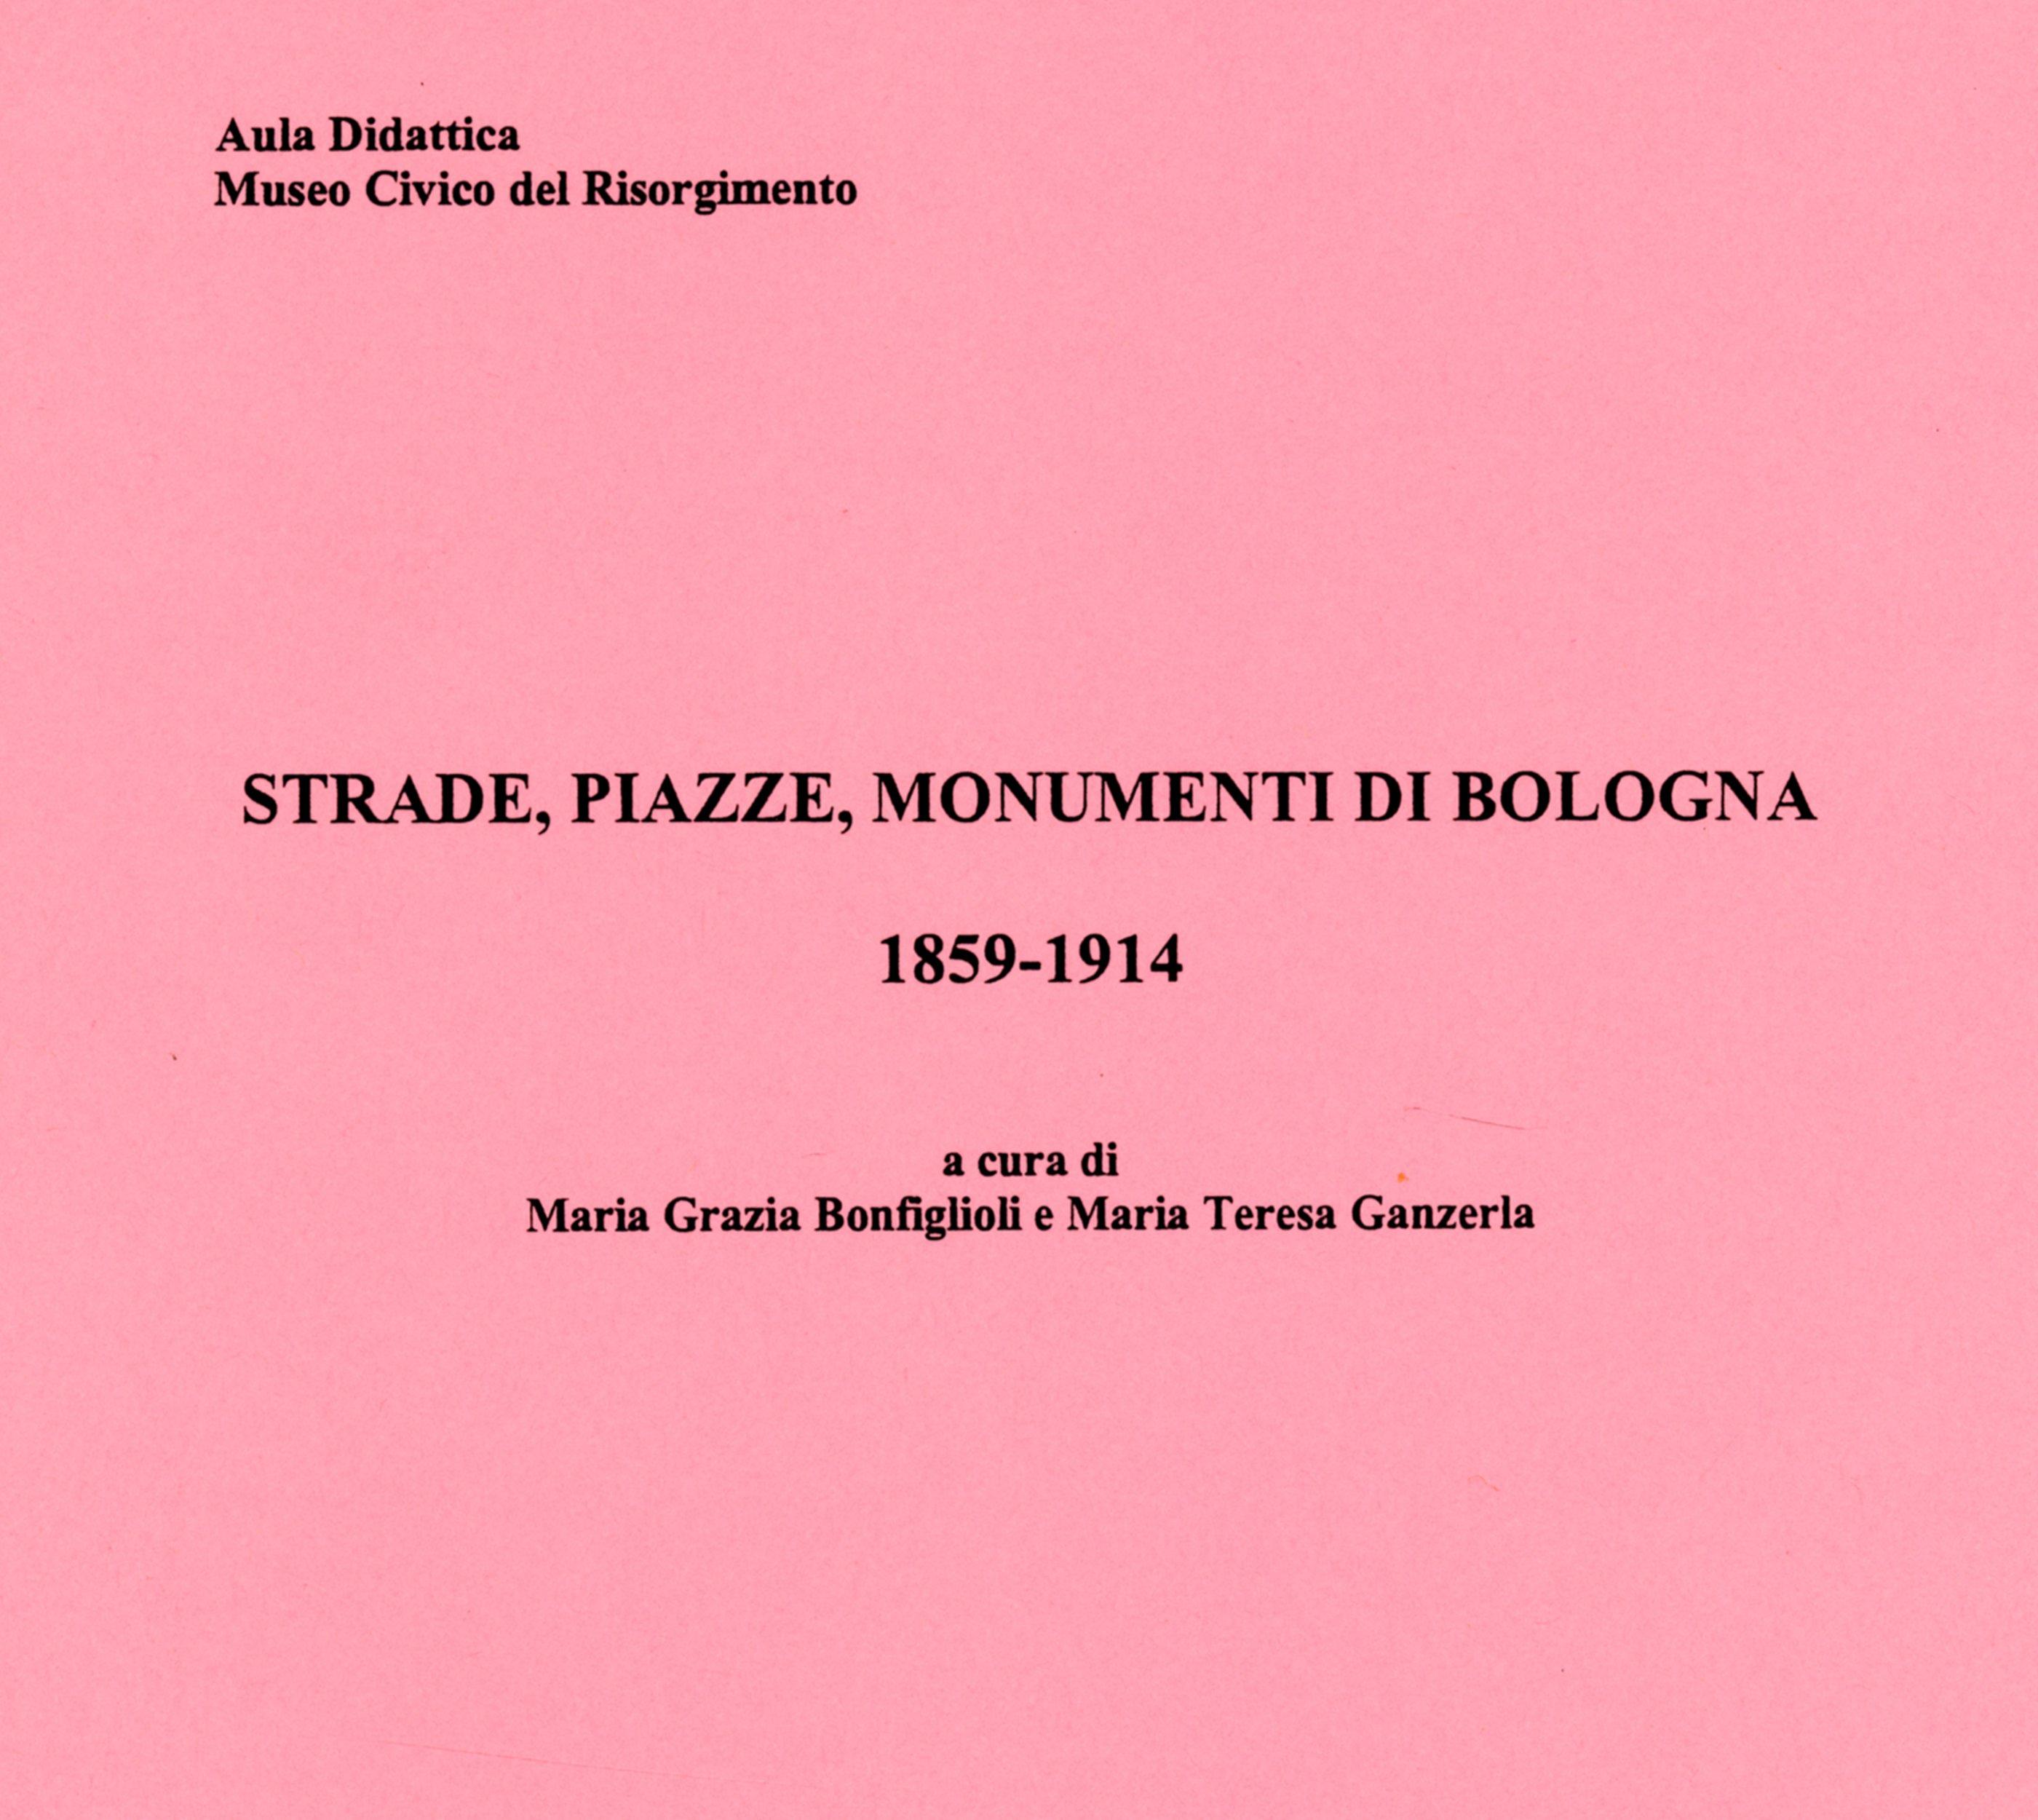 Strade, piazze, monumenti di Bologna 1859-1914